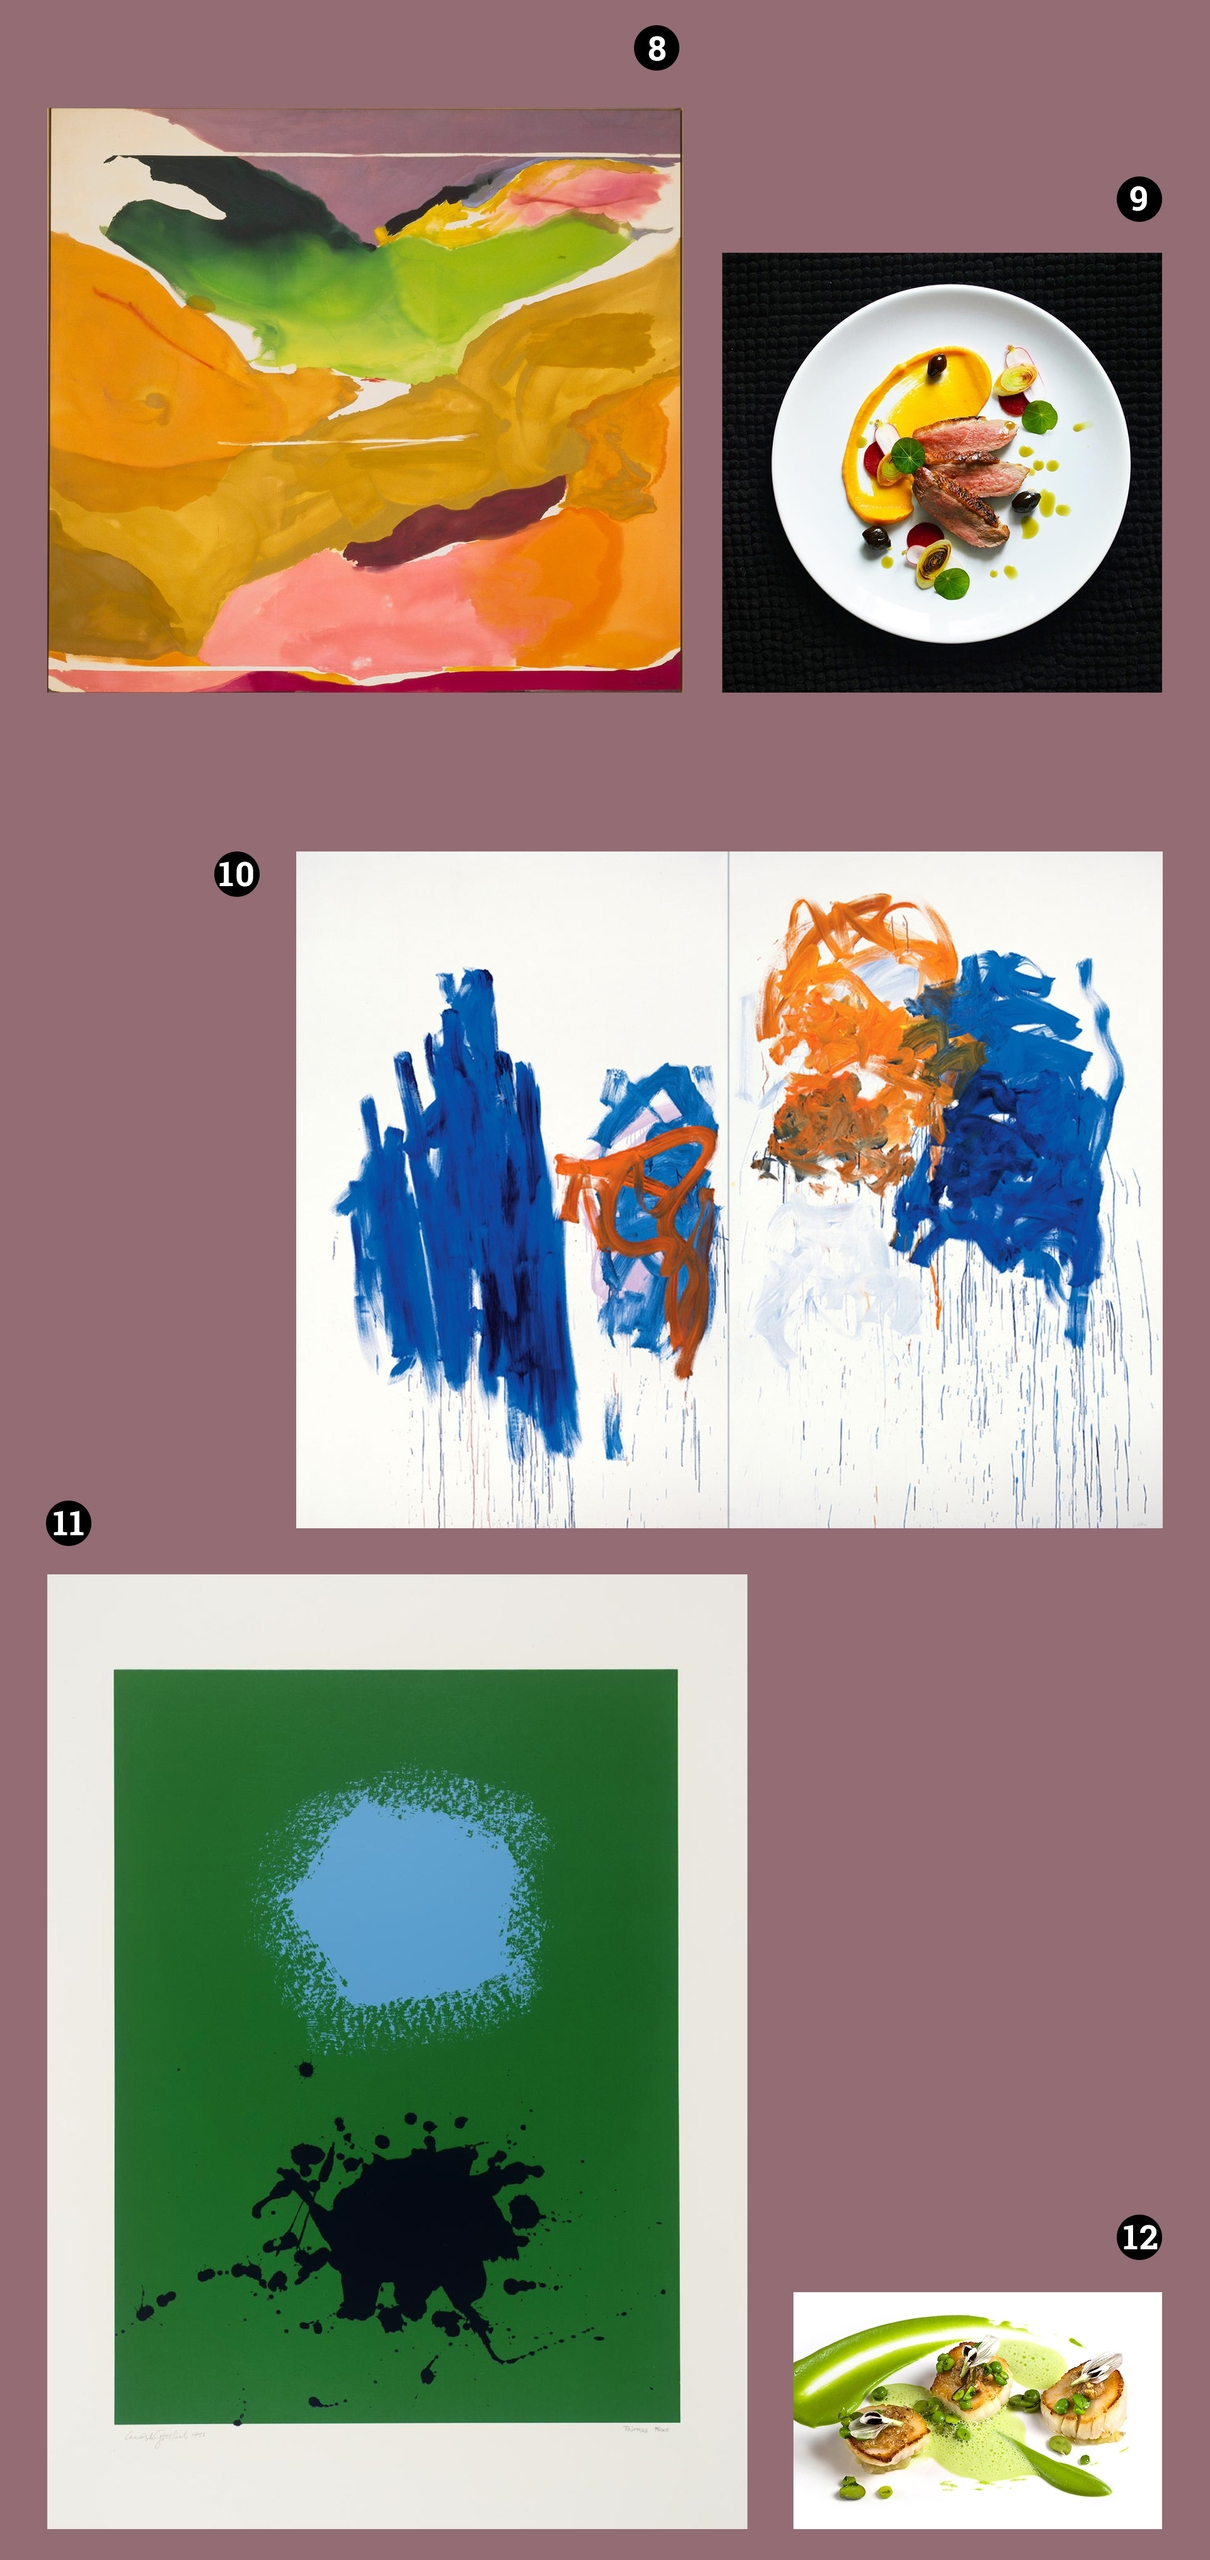 Obraz przedstawia pięć zdjęć na fioletowym tle, z czego dwa to zdjęcia dań na talerzach, a trzy to zdjęcia obrazów znanych artystów.